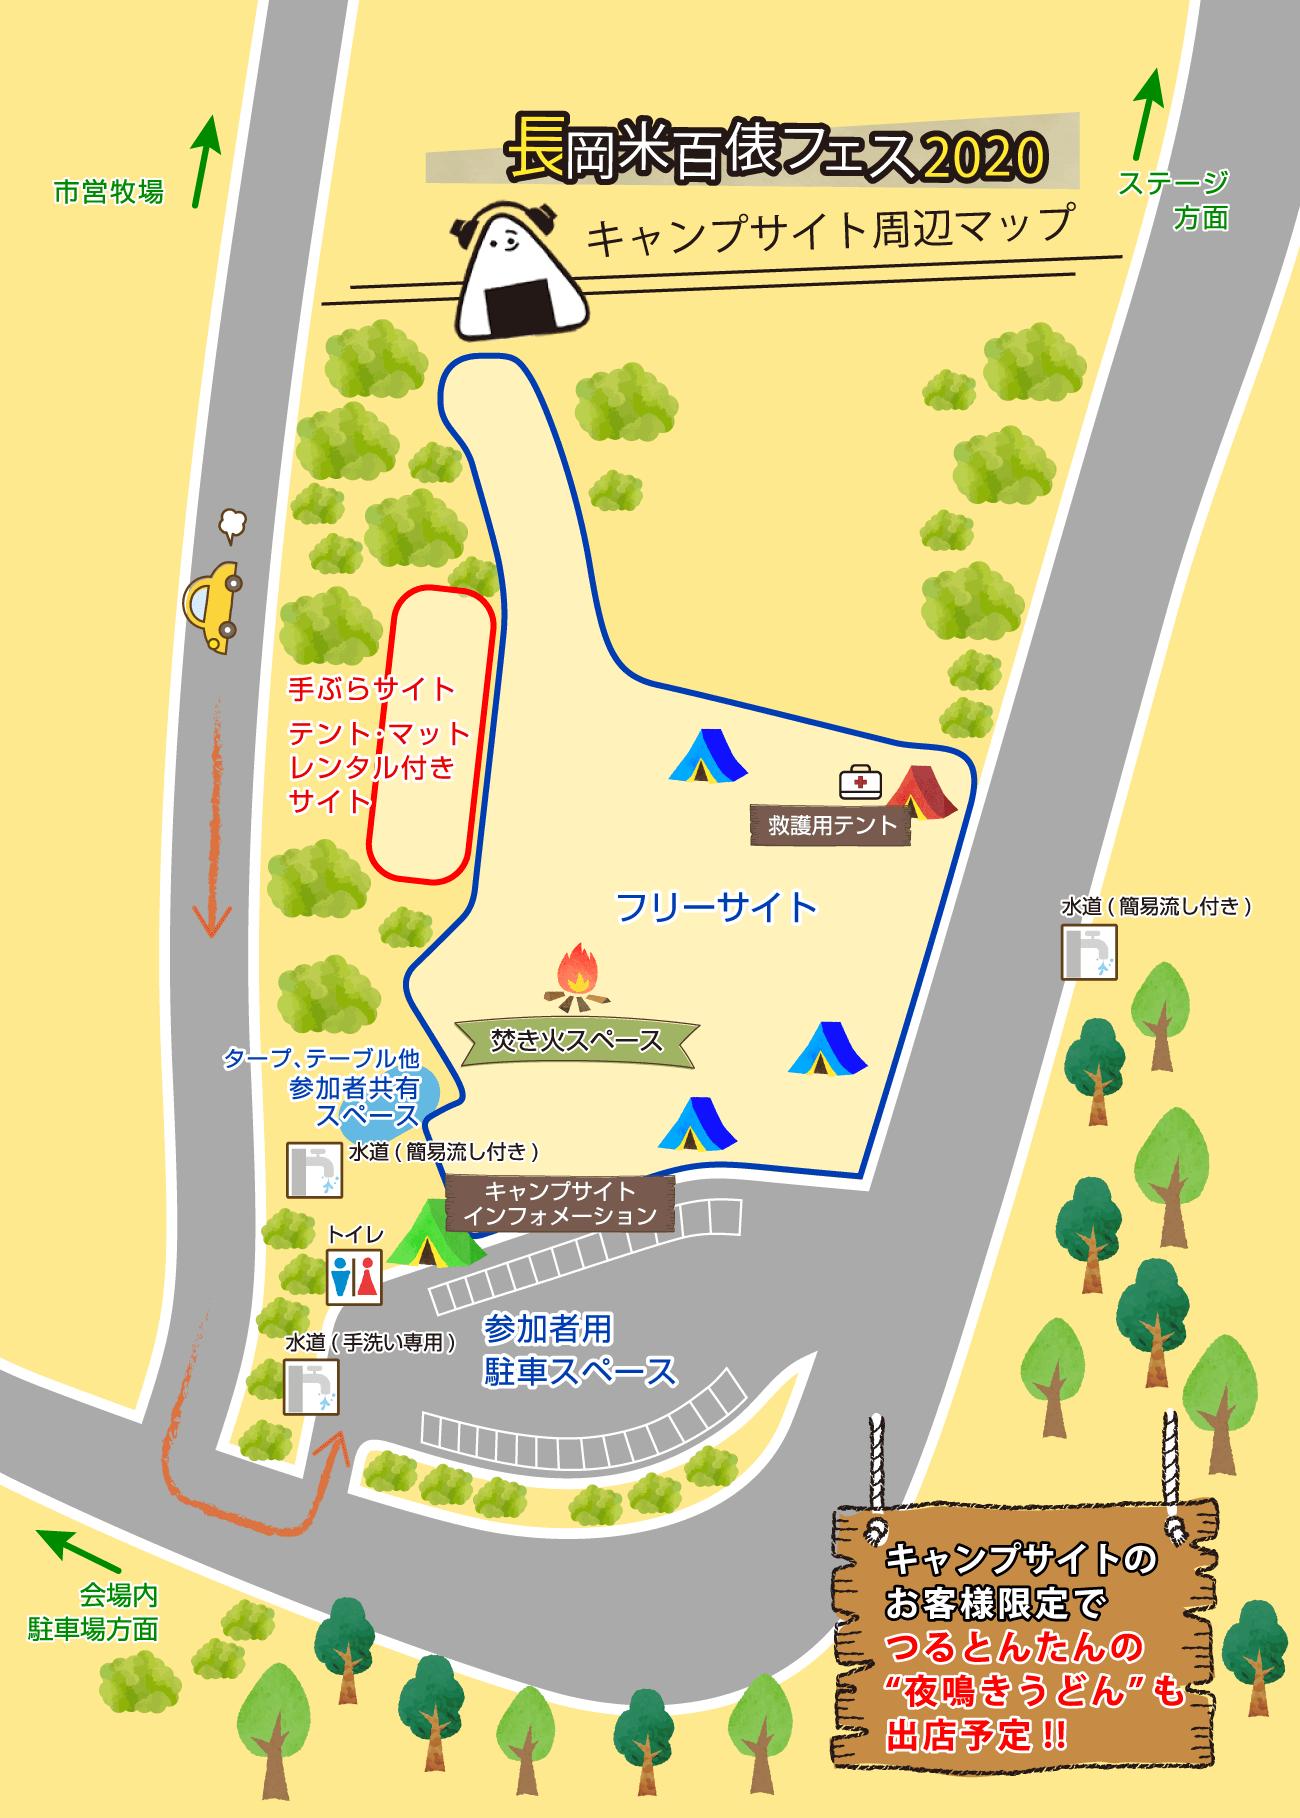 米フェス2020キャンプサイトマップ